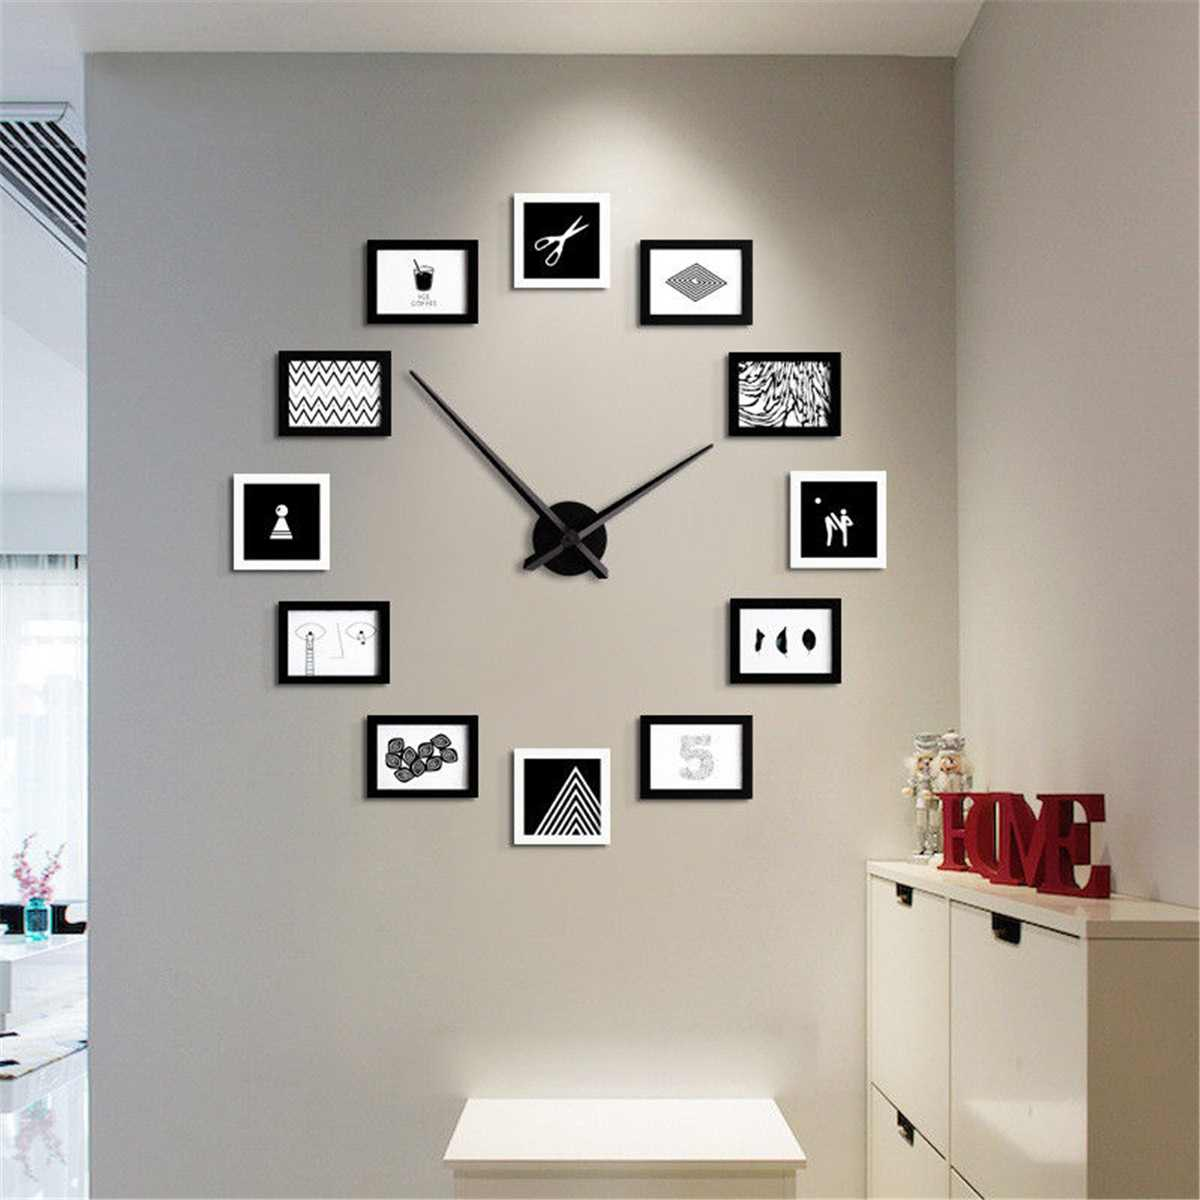 2019 12 фоторамок Nordic Стиль DIY настенные часы современный дизайн с деревом фото настенные часы Art часы с фотографиями уникальный клок Home Decor